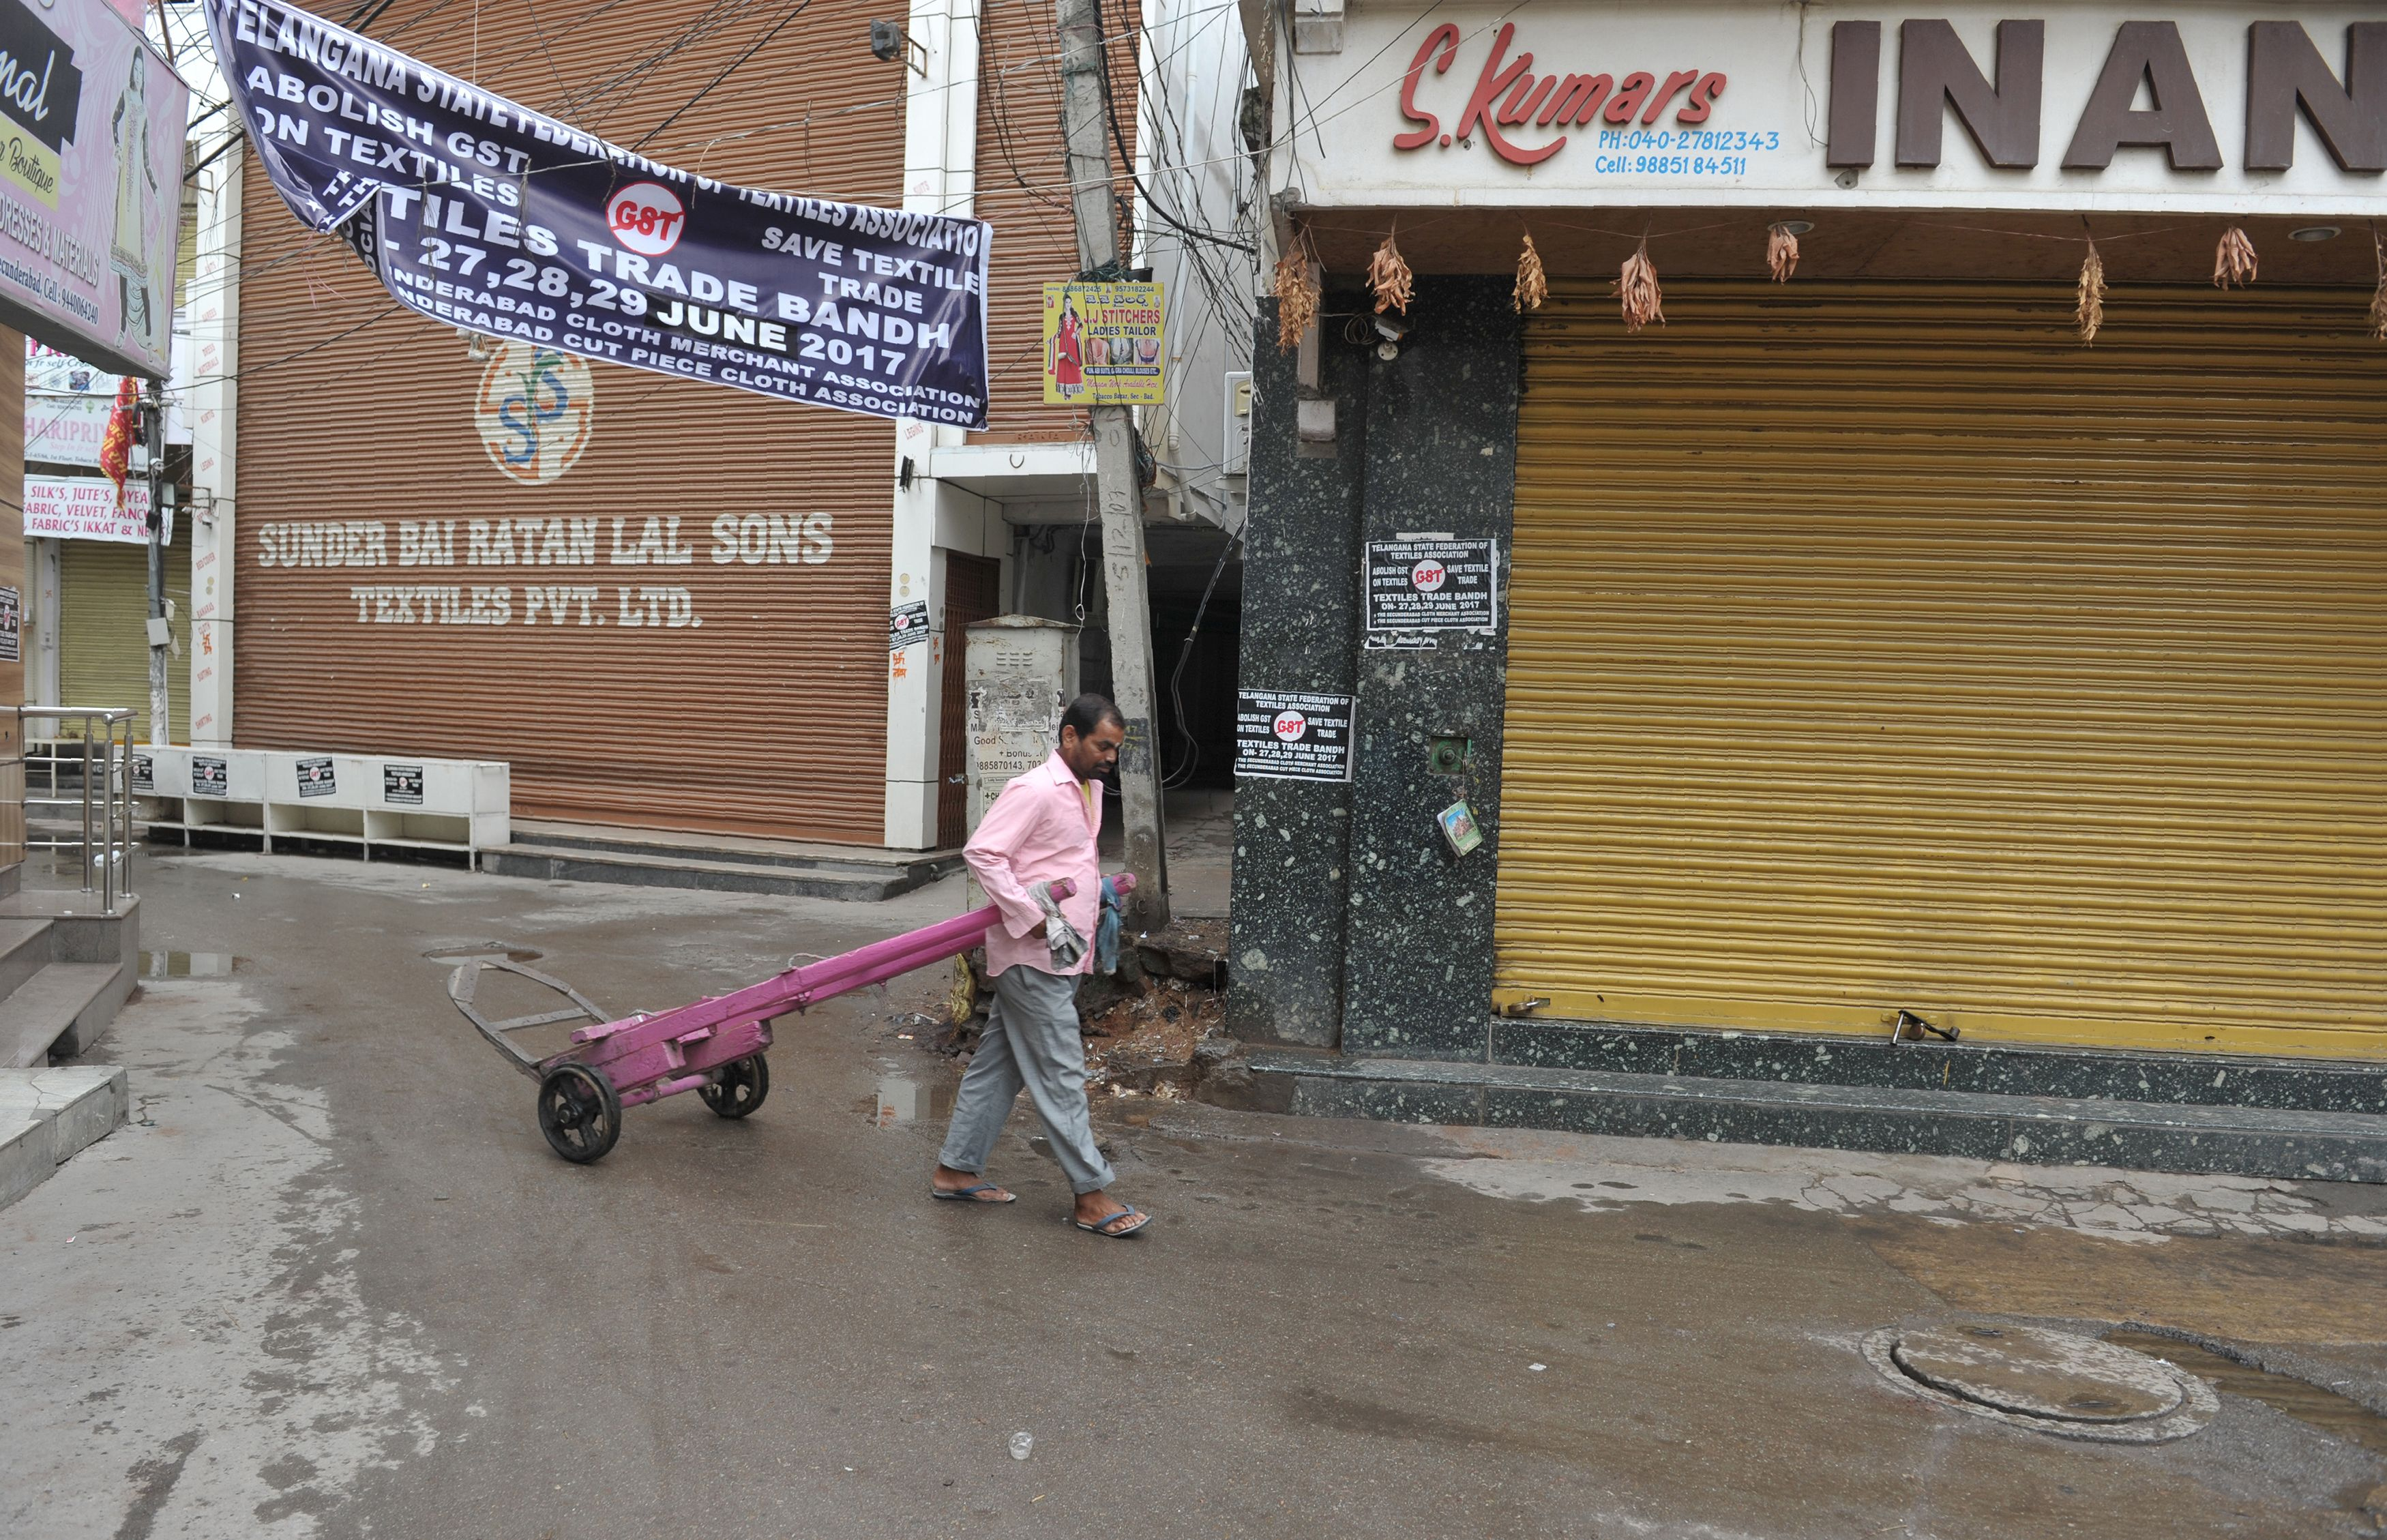 تجار شاركون فى الإضراب بغلق محلاتهم